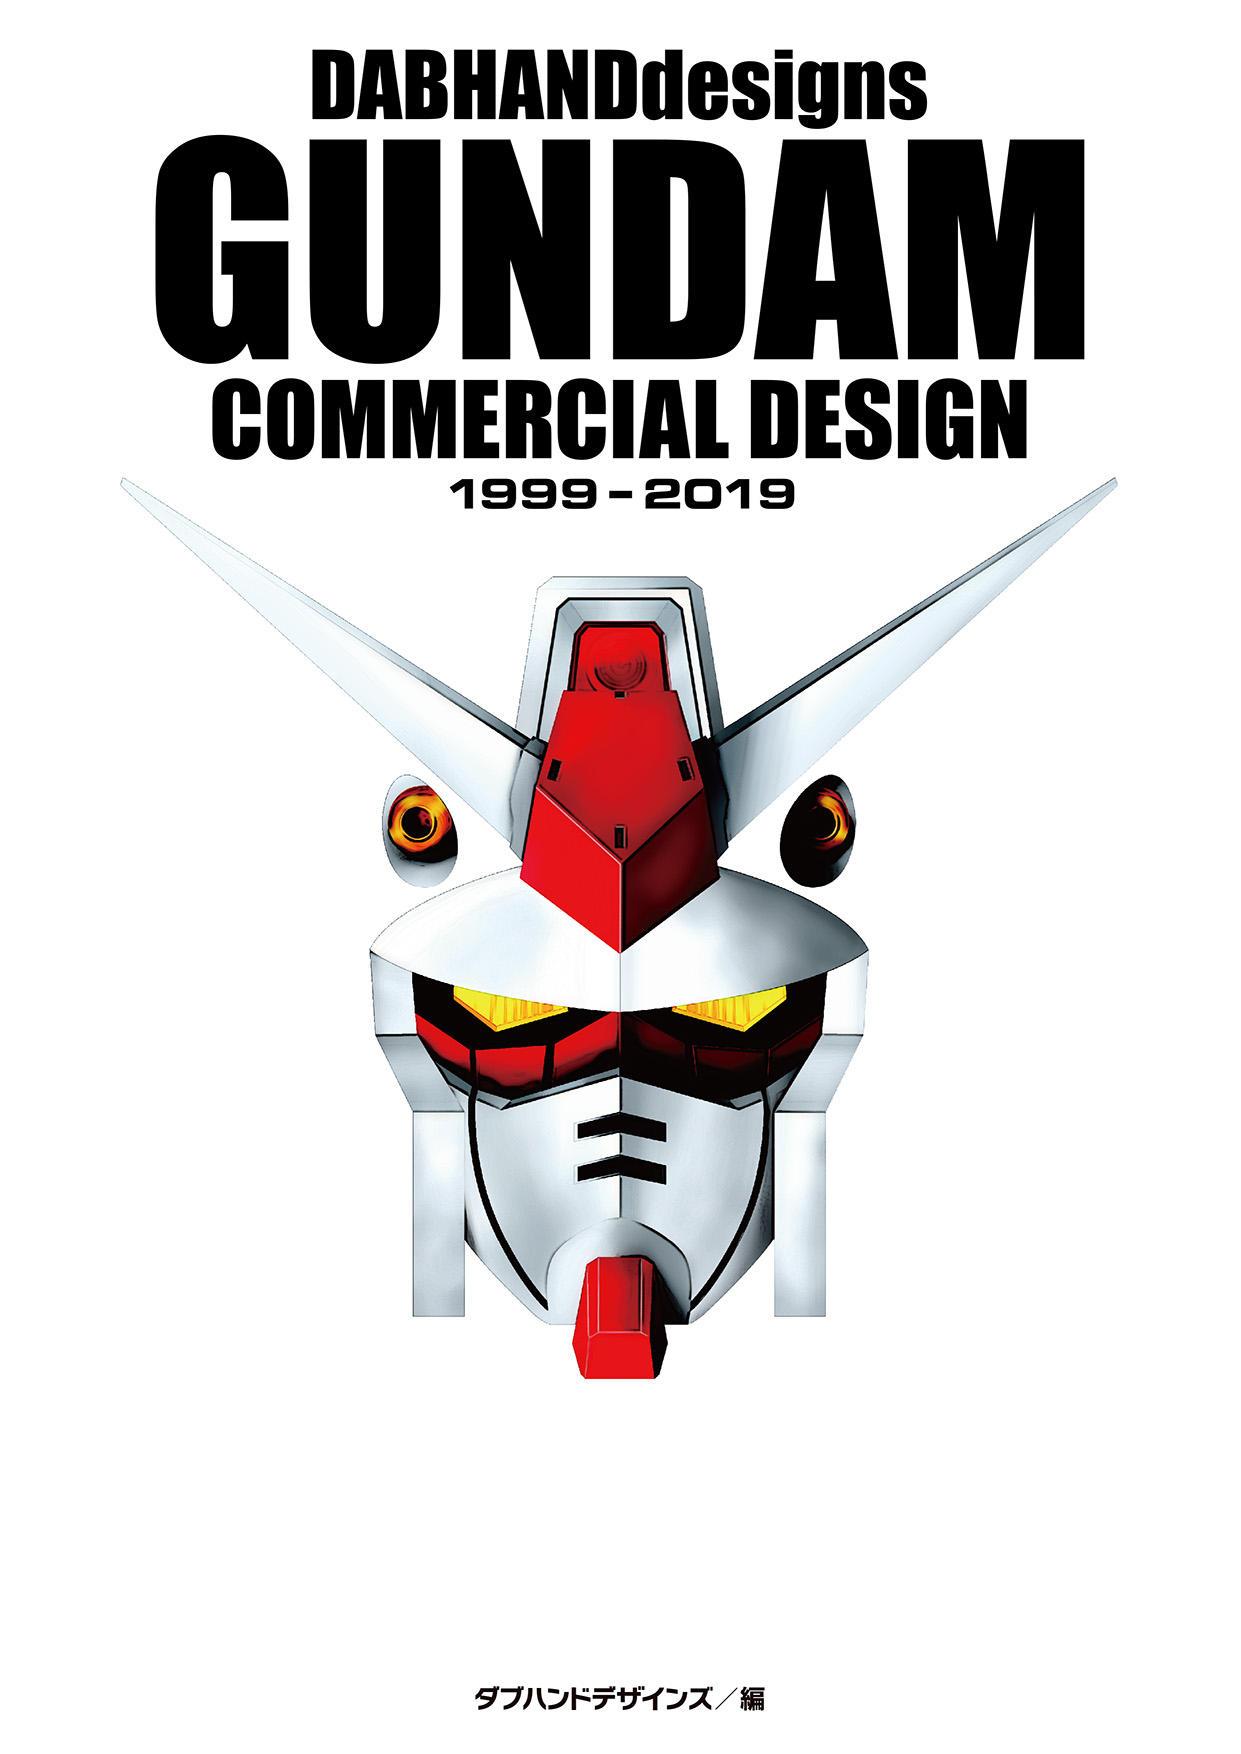 ガンダムシリーズ DABHANDdesigns GUNDAM COMMERCIAL DESIGN 1999-2019